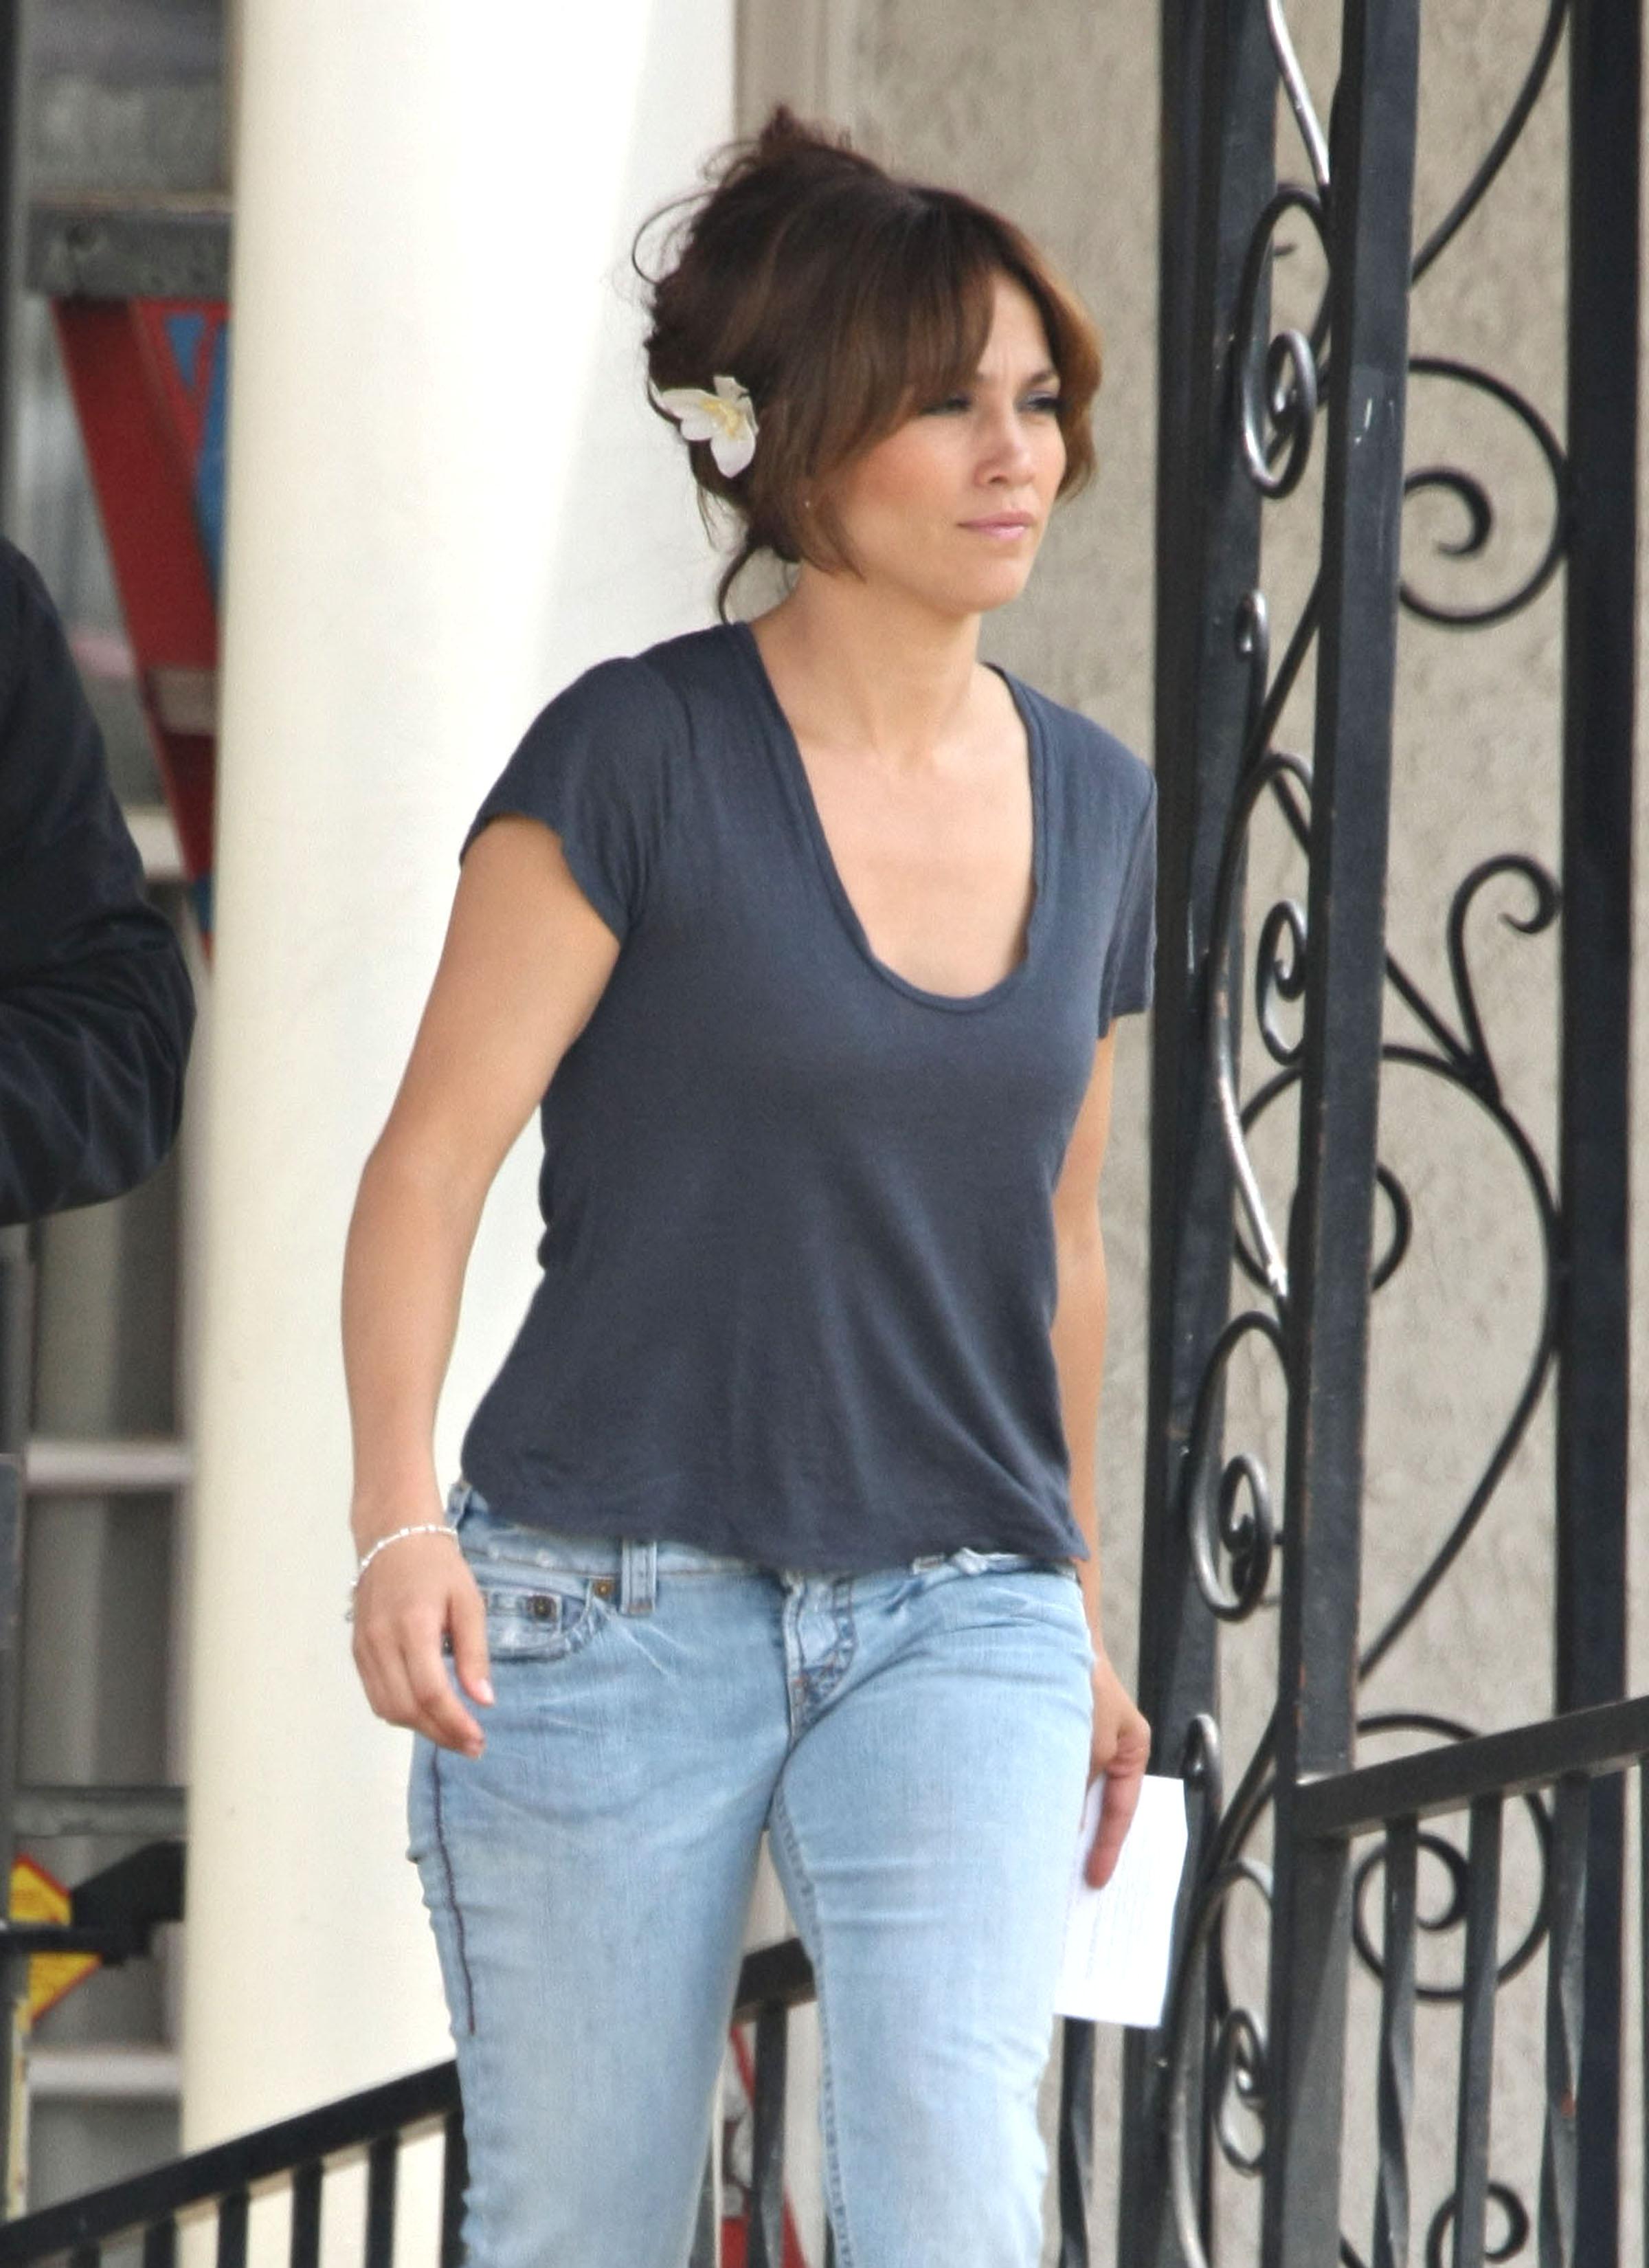 35569_Preppie_-_Jennifer_Lopez_on_The_Backup_Plan_set_in_Los_Angeles_-_June_15_2009_254_122_144lo.jpg